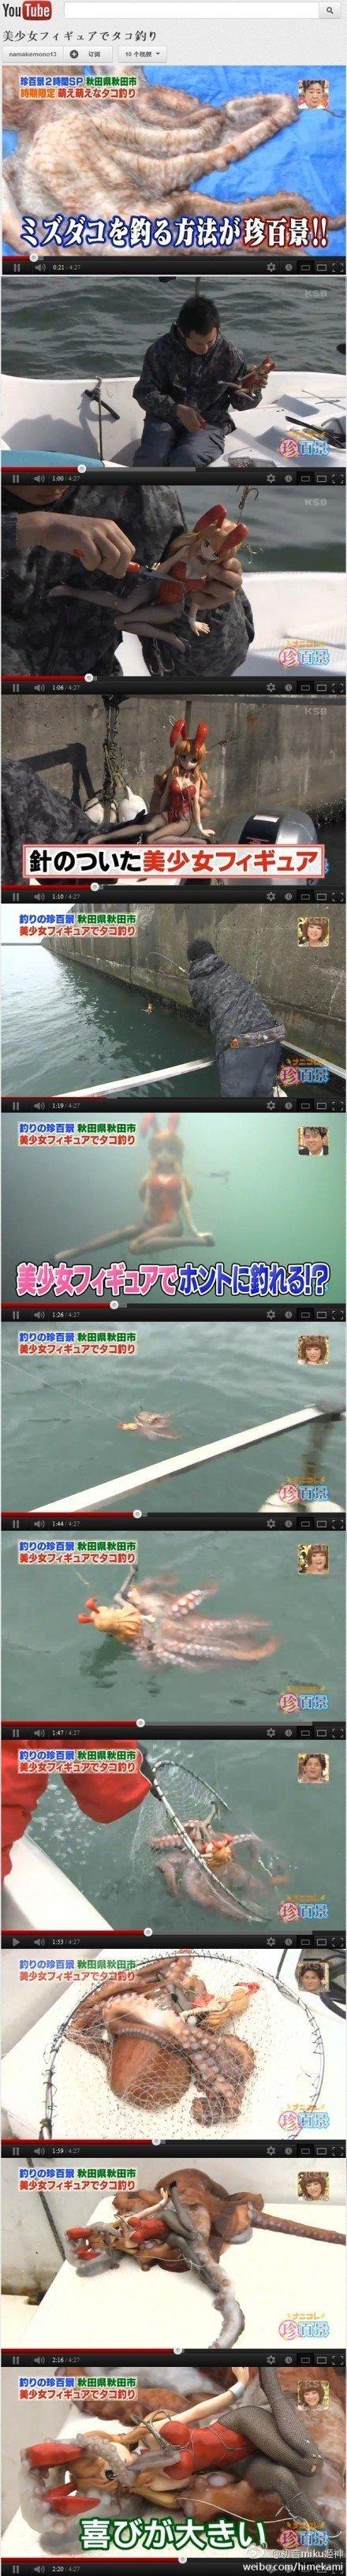 Fishing in Japan. Very efficient.. fun lierar, I virgi Gill ' ilgili! Alig? ' iia Iii? magmas himekishi. Poor Mikuru, everyone and everything molests her.